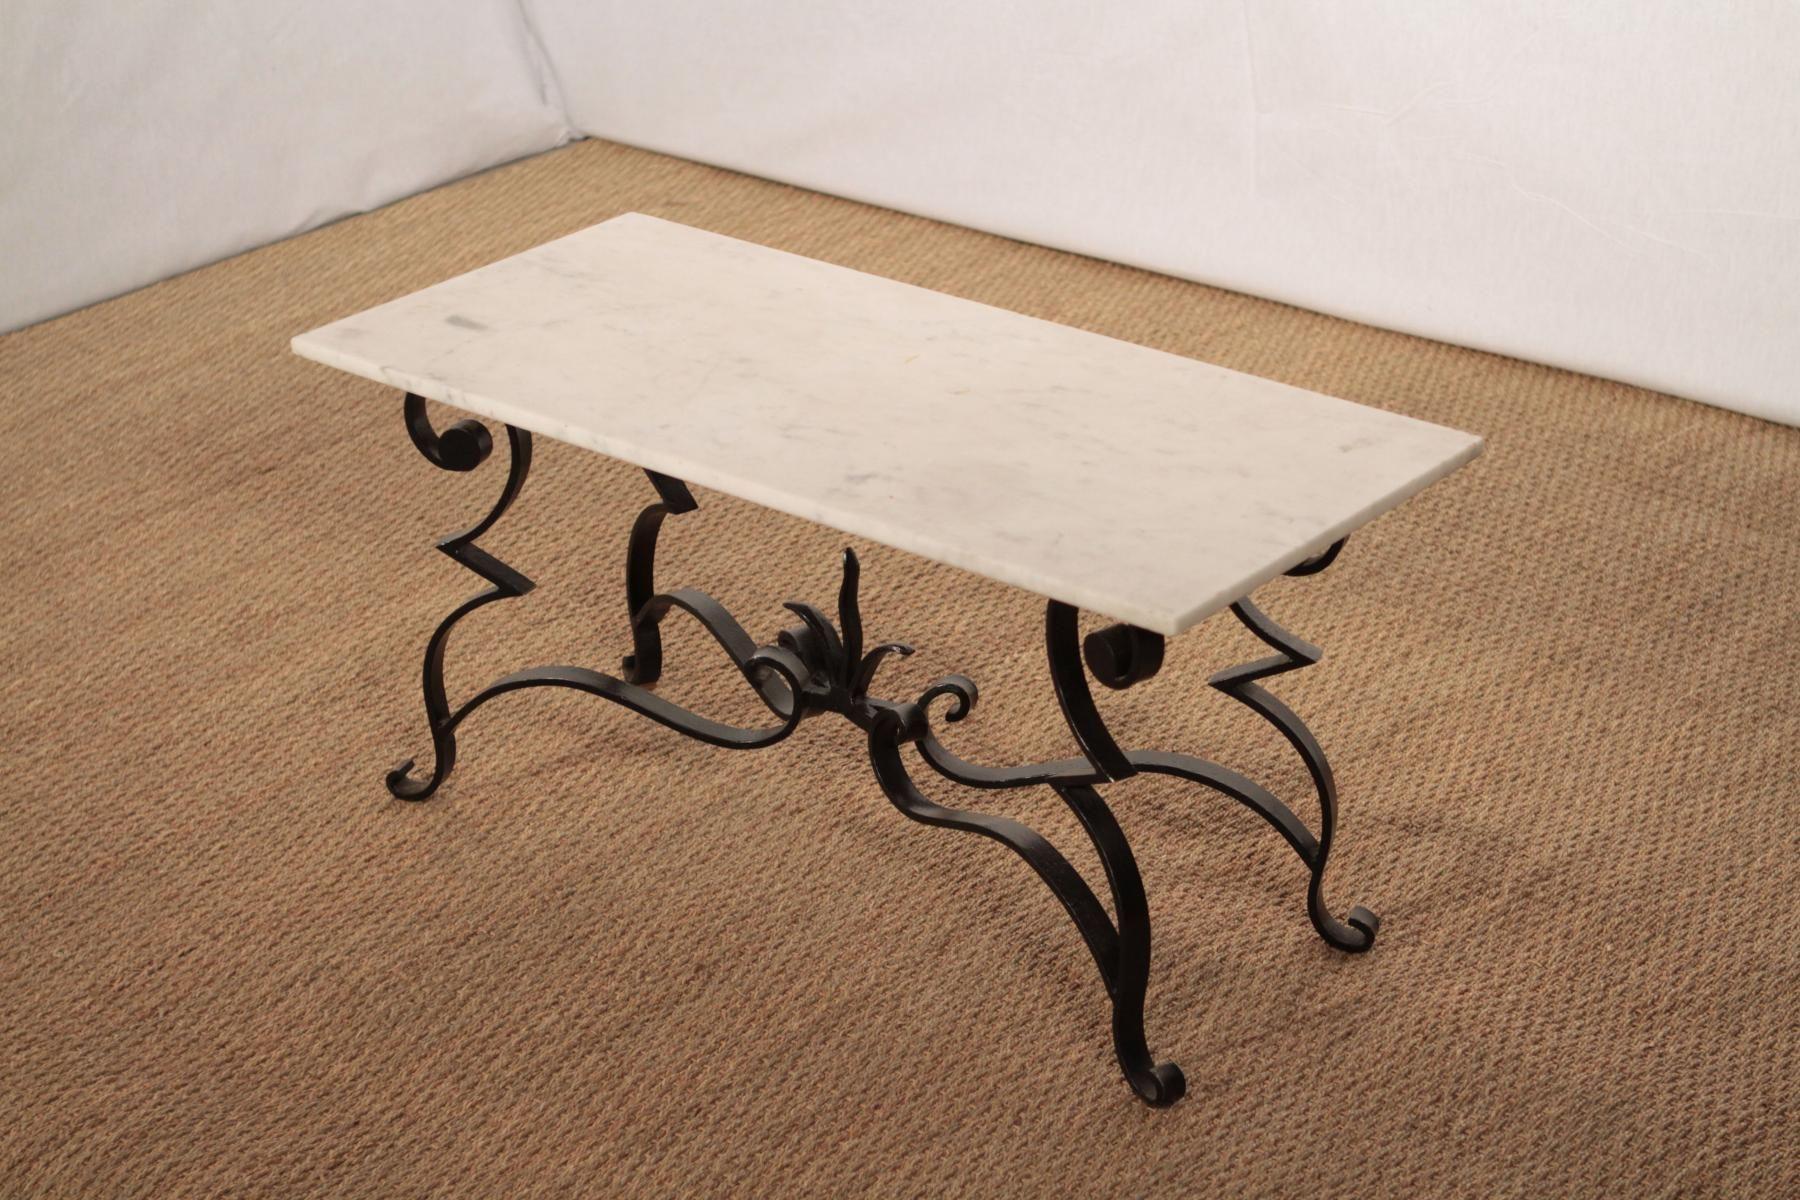 Table De Salle À Manger En Marbre Et En Fer Forgé 1 | Table ... concernant Table Jardin Marbre Fer Forgé